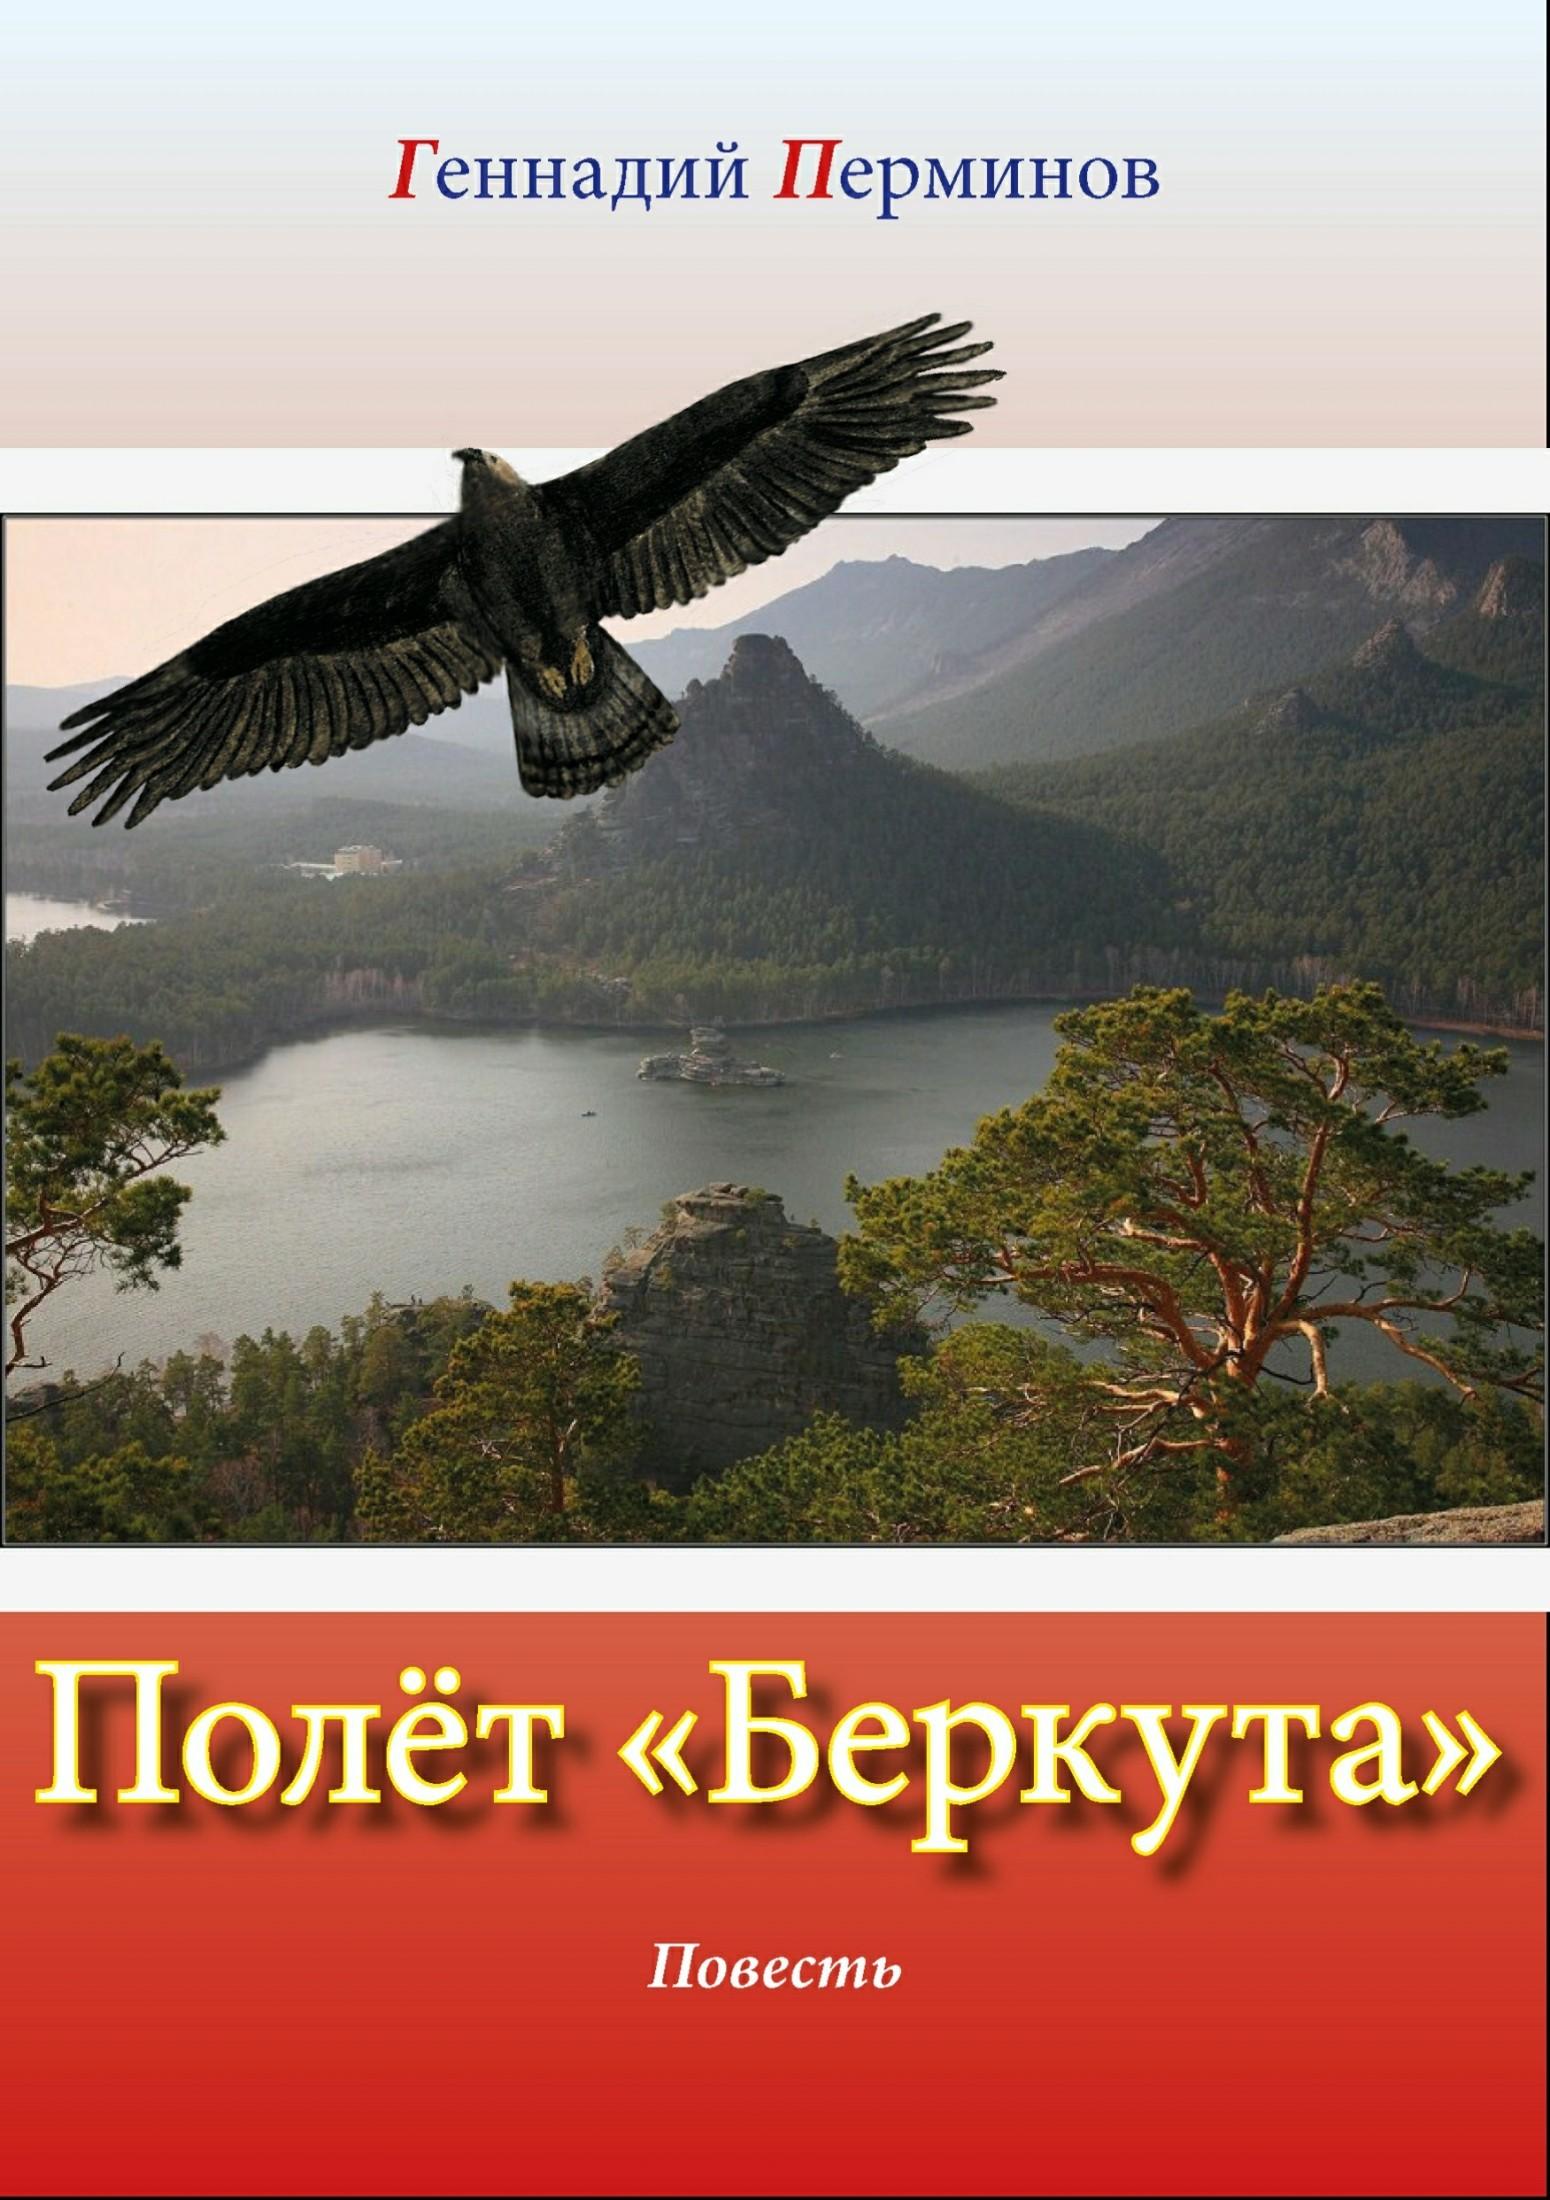 Геннадий Петрович Перминов. Полет «Беркута»